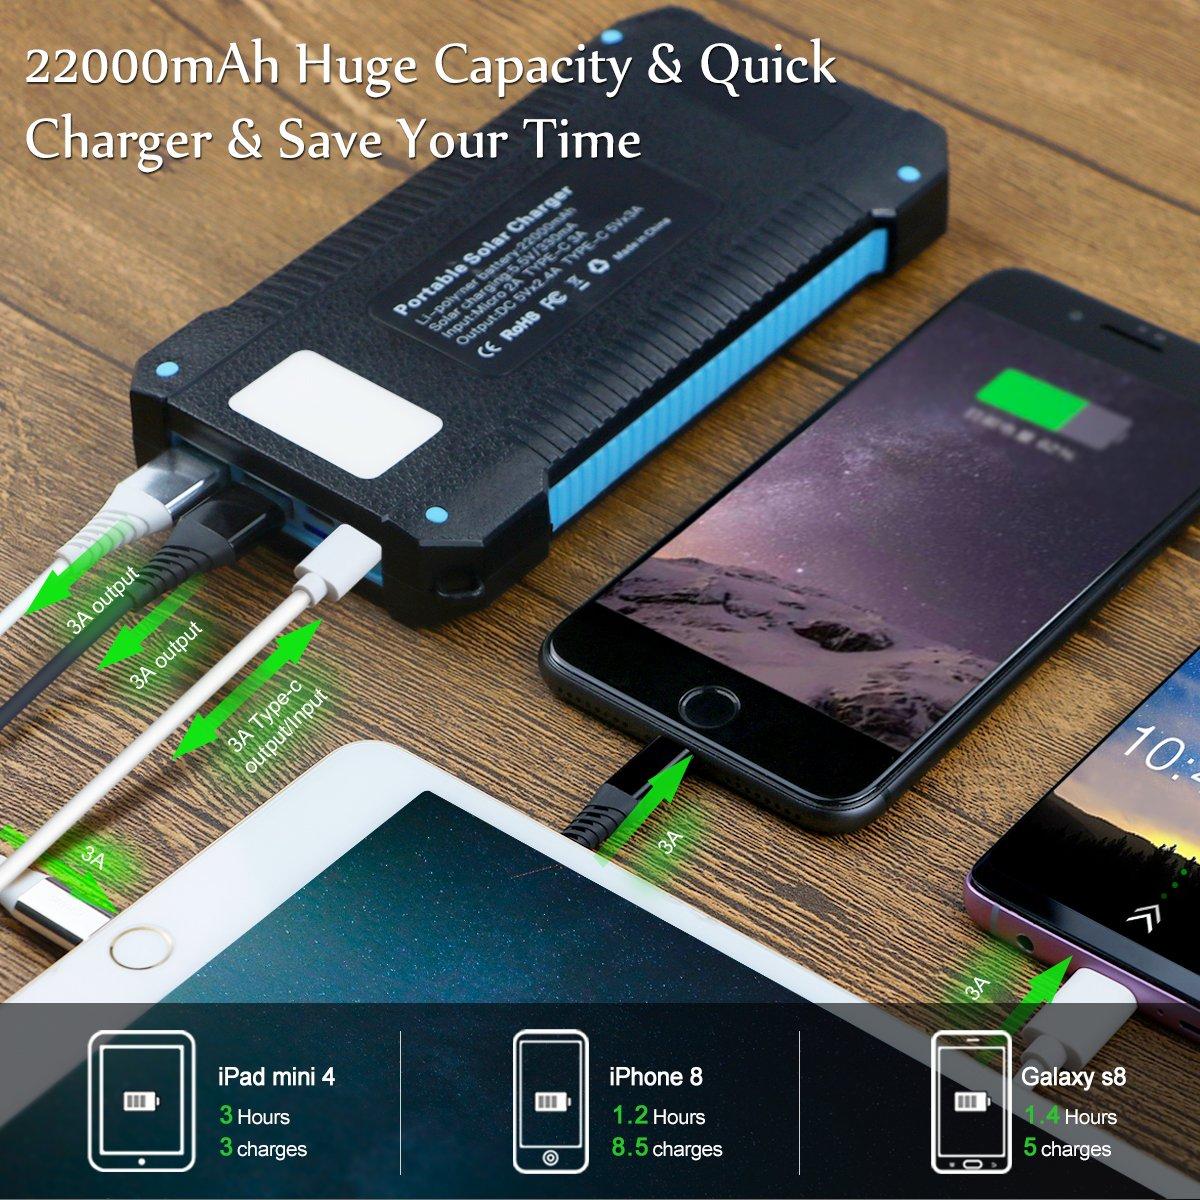 Batterie Externe X-DNENG 22000 mAh Chargeur Solaire Power Bank Portable avec Entrées Micro-USB et Type-C, Imperméable Batterie Chargeur avec 3 Sorties Haute Vitesse de Charge, Powerbank avec Lampe Torche pour iPhone Téléphones Android Galax